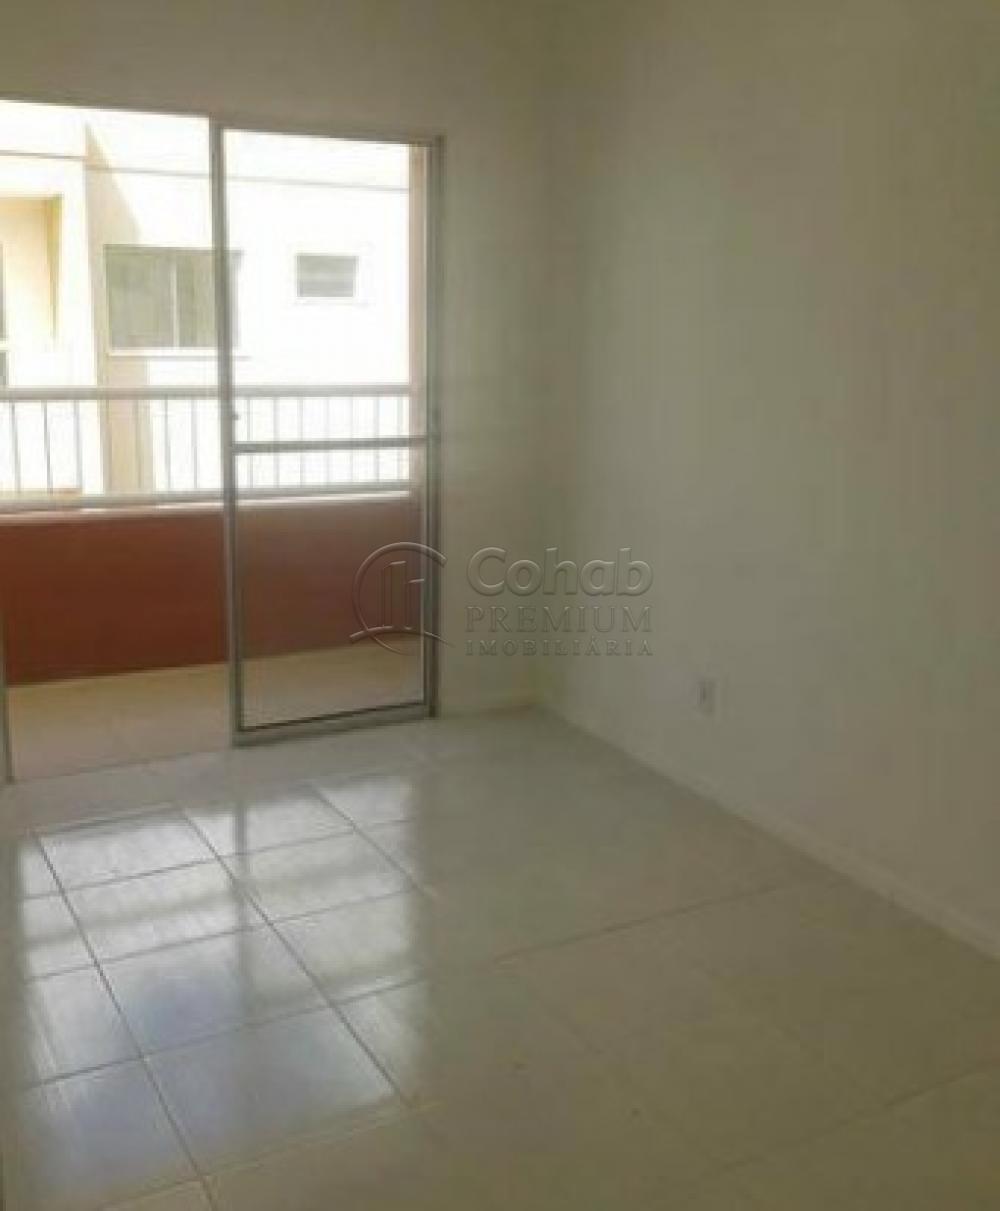 Comprar Apartamento / Padrão em Aracaju apenas R$ 115.000,00 - Foto 2